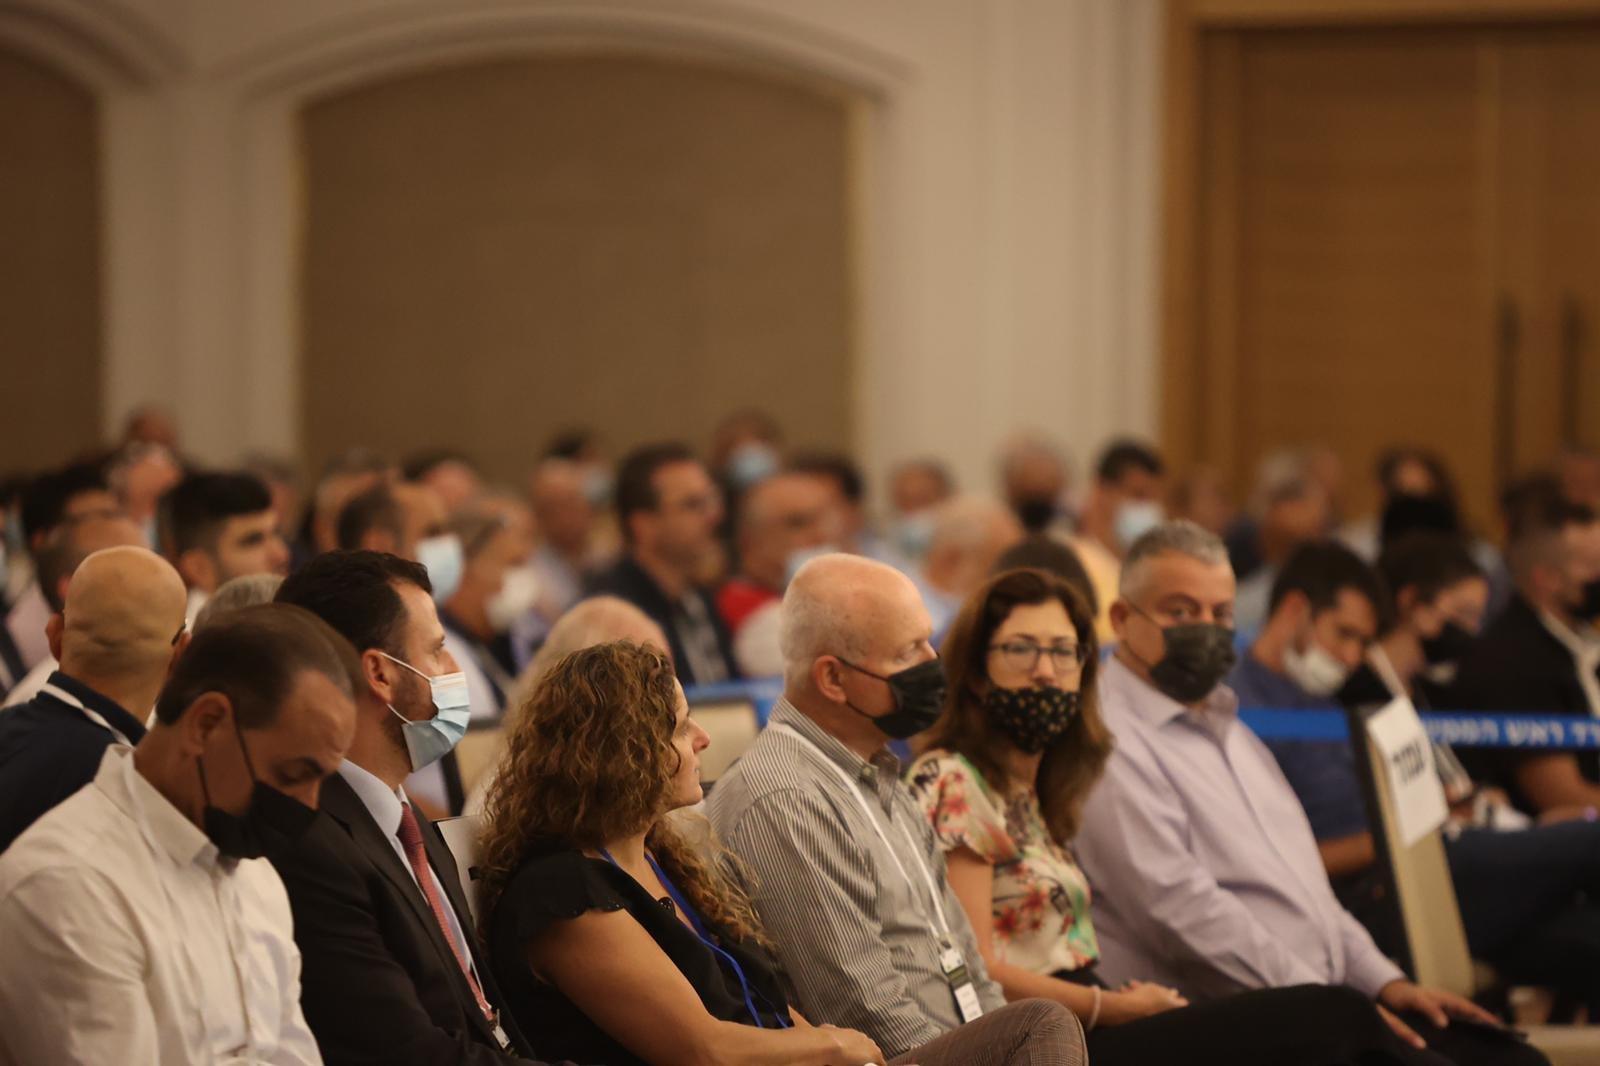 مشاركة كبيرة ومحاضرات هامة في المؤتمر الاقتصادي للمجتمع العربي بالناصرة-20